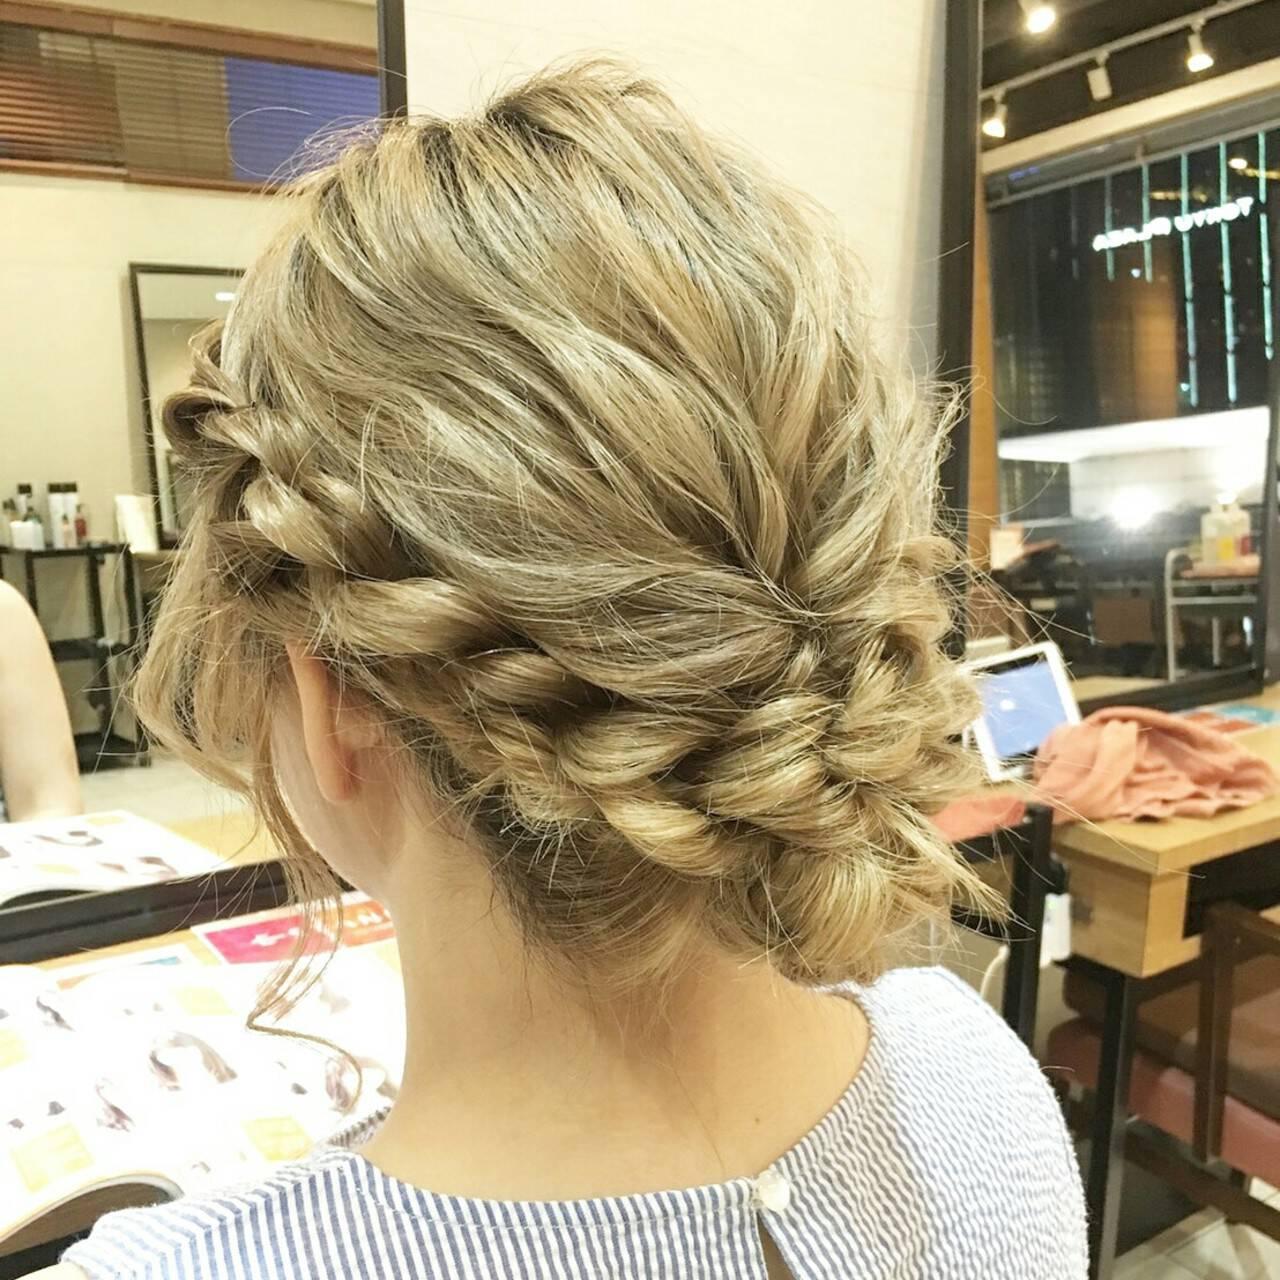 ミディアム ヘアアレンジ フェミニン ねじりヘアスタイルや髪型の写真・画像